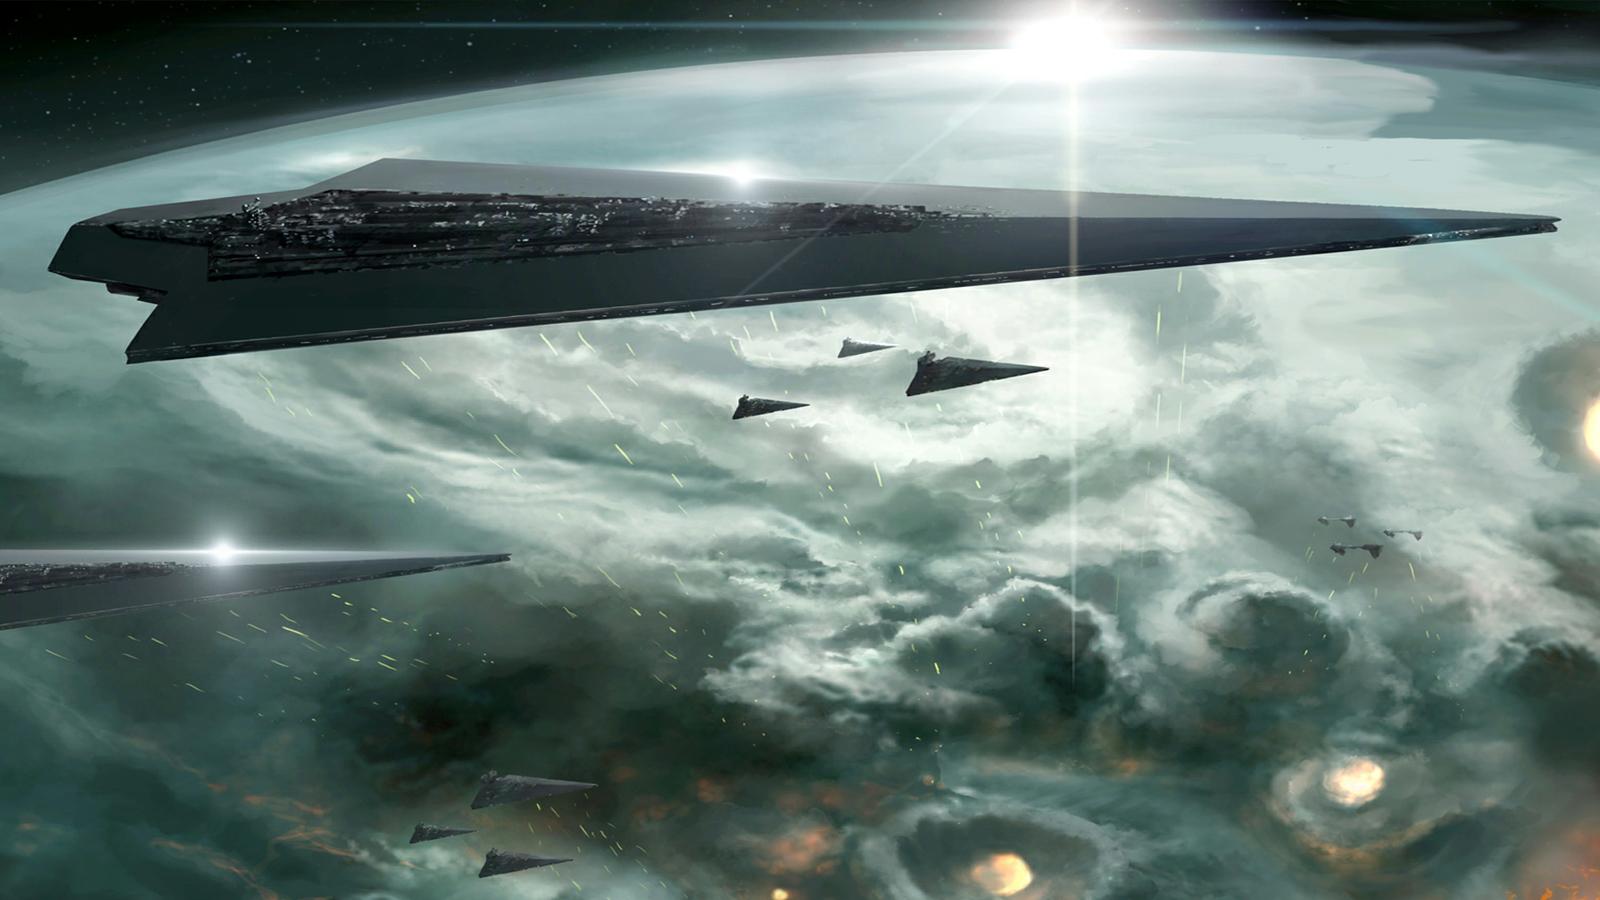 L'HISTOIRE GALACTIQUE par M. Lamiroy : Migration et colonisation de différents systèmes solaires dans la voie lactée